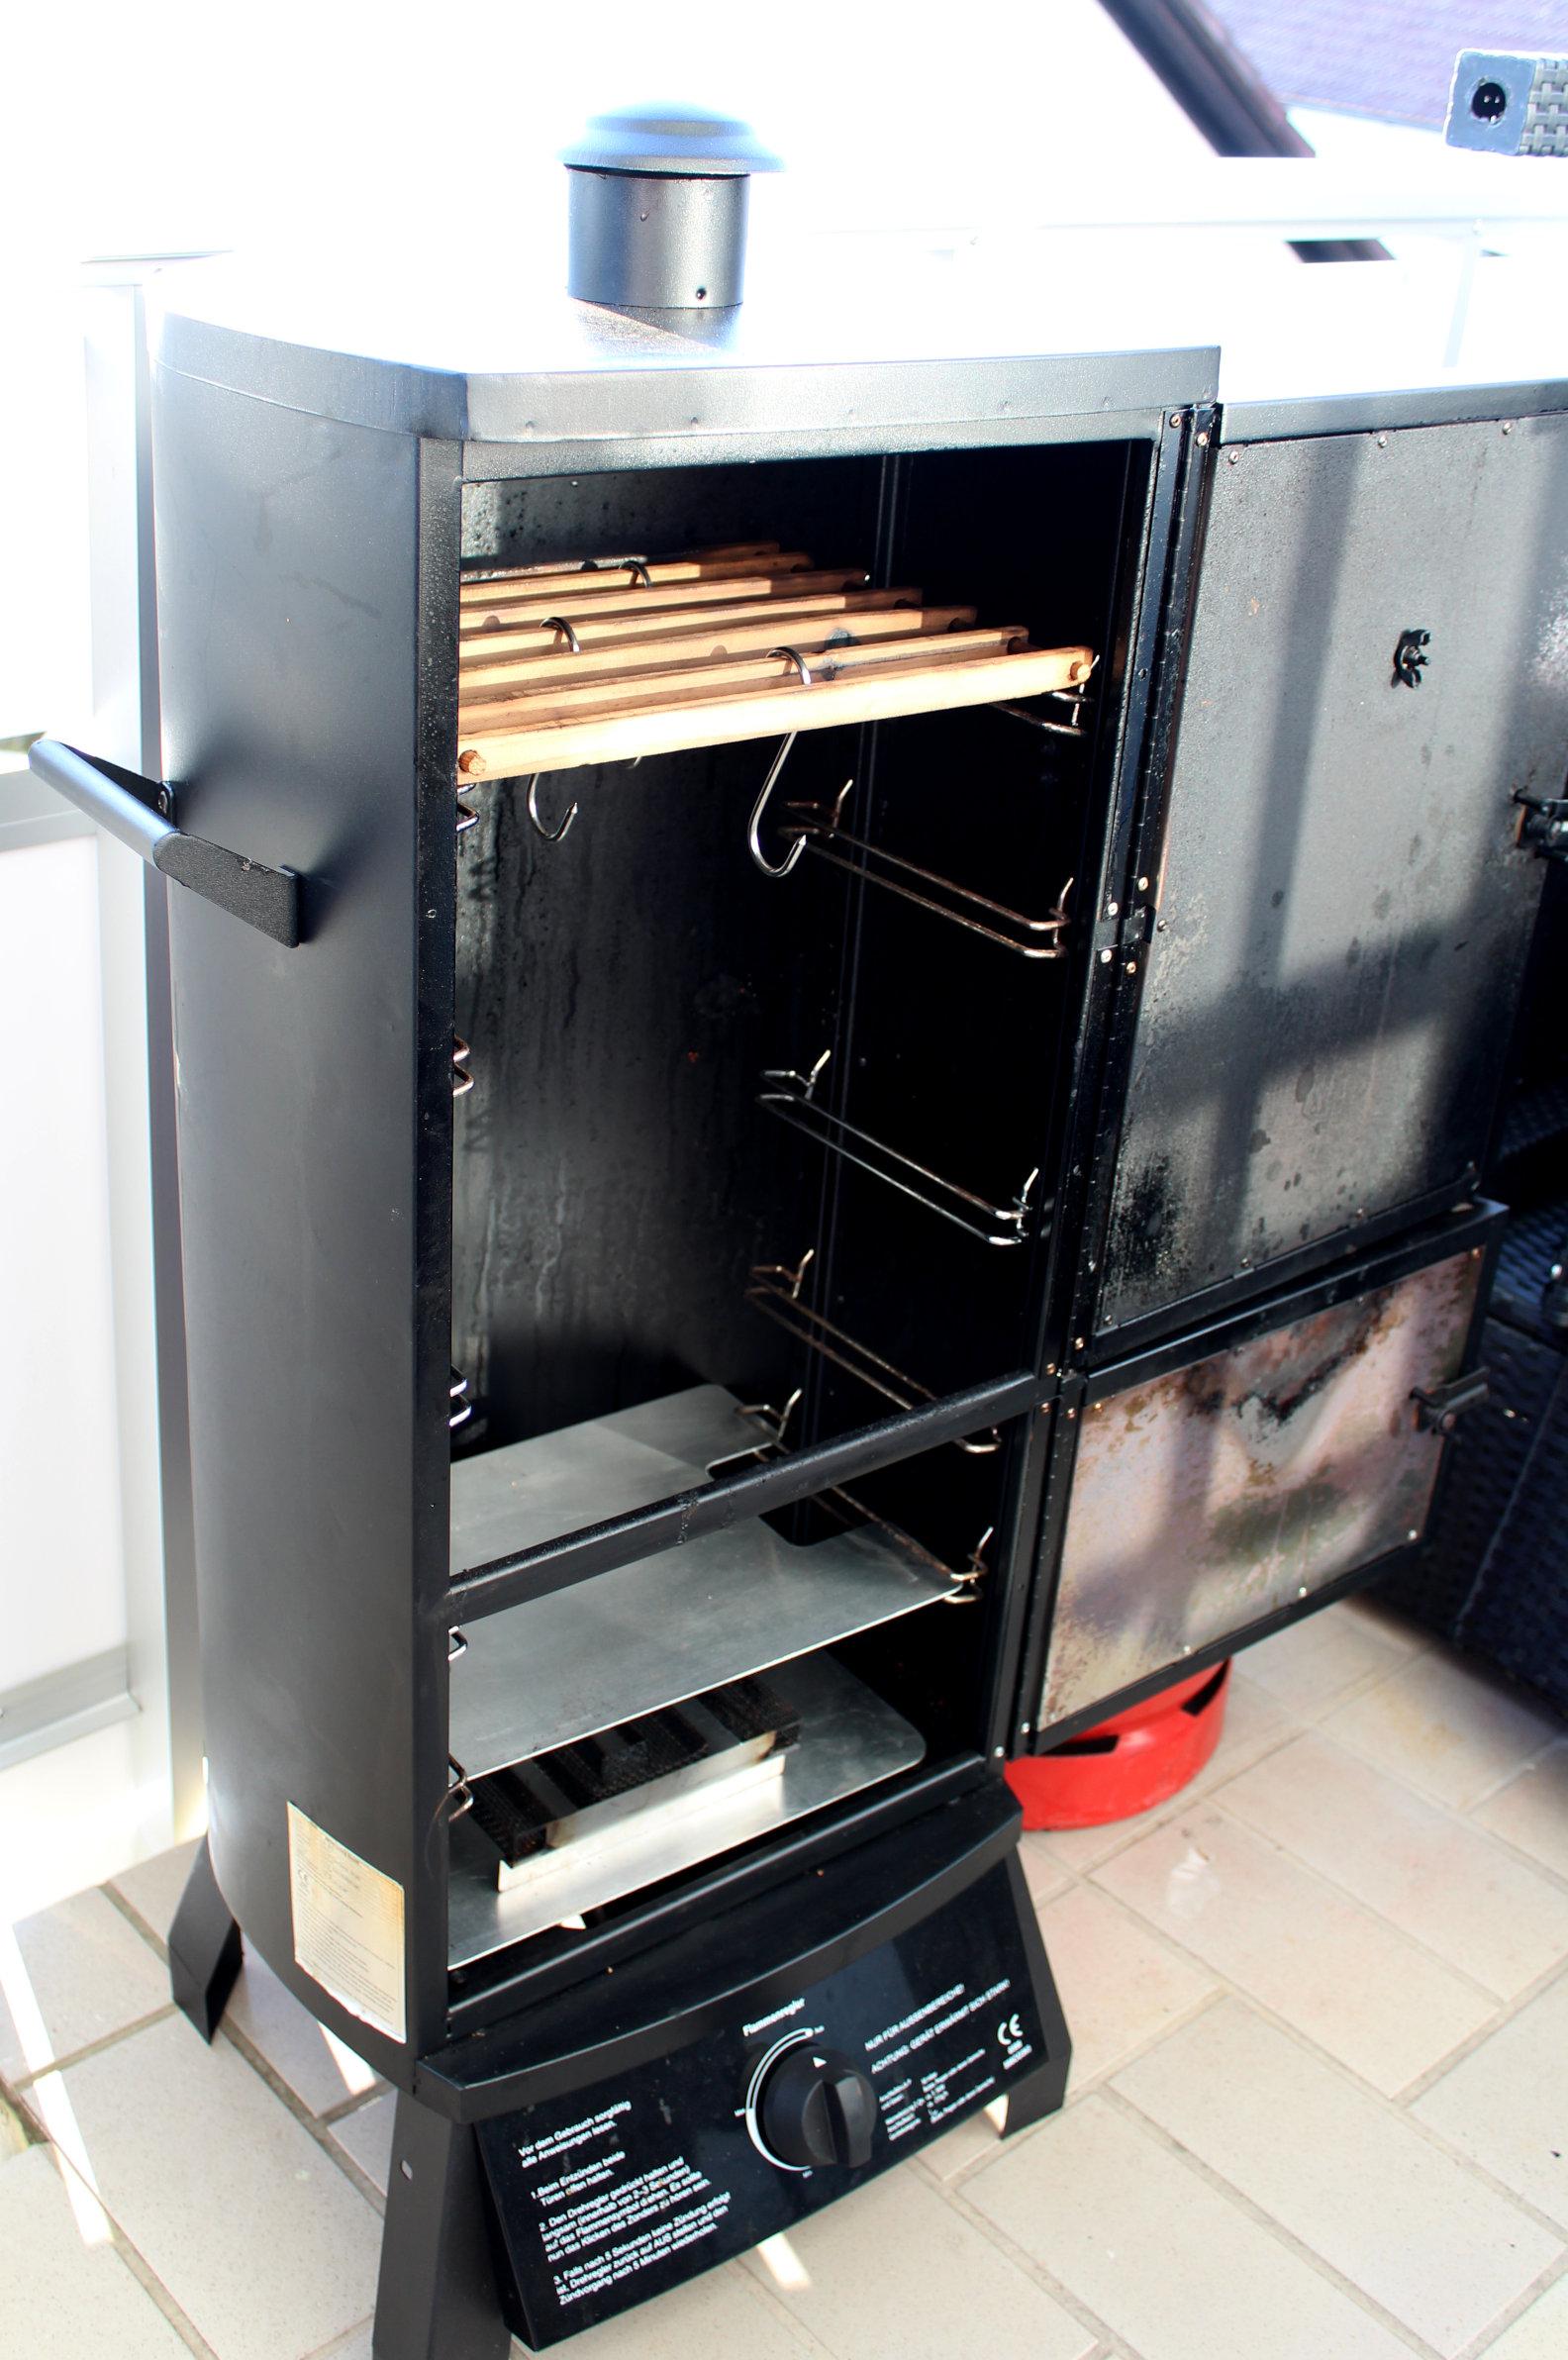 Kaltraucherzeuger kalträuchern sparbrand spirale Smokers Räuchertonne Four Barbecue